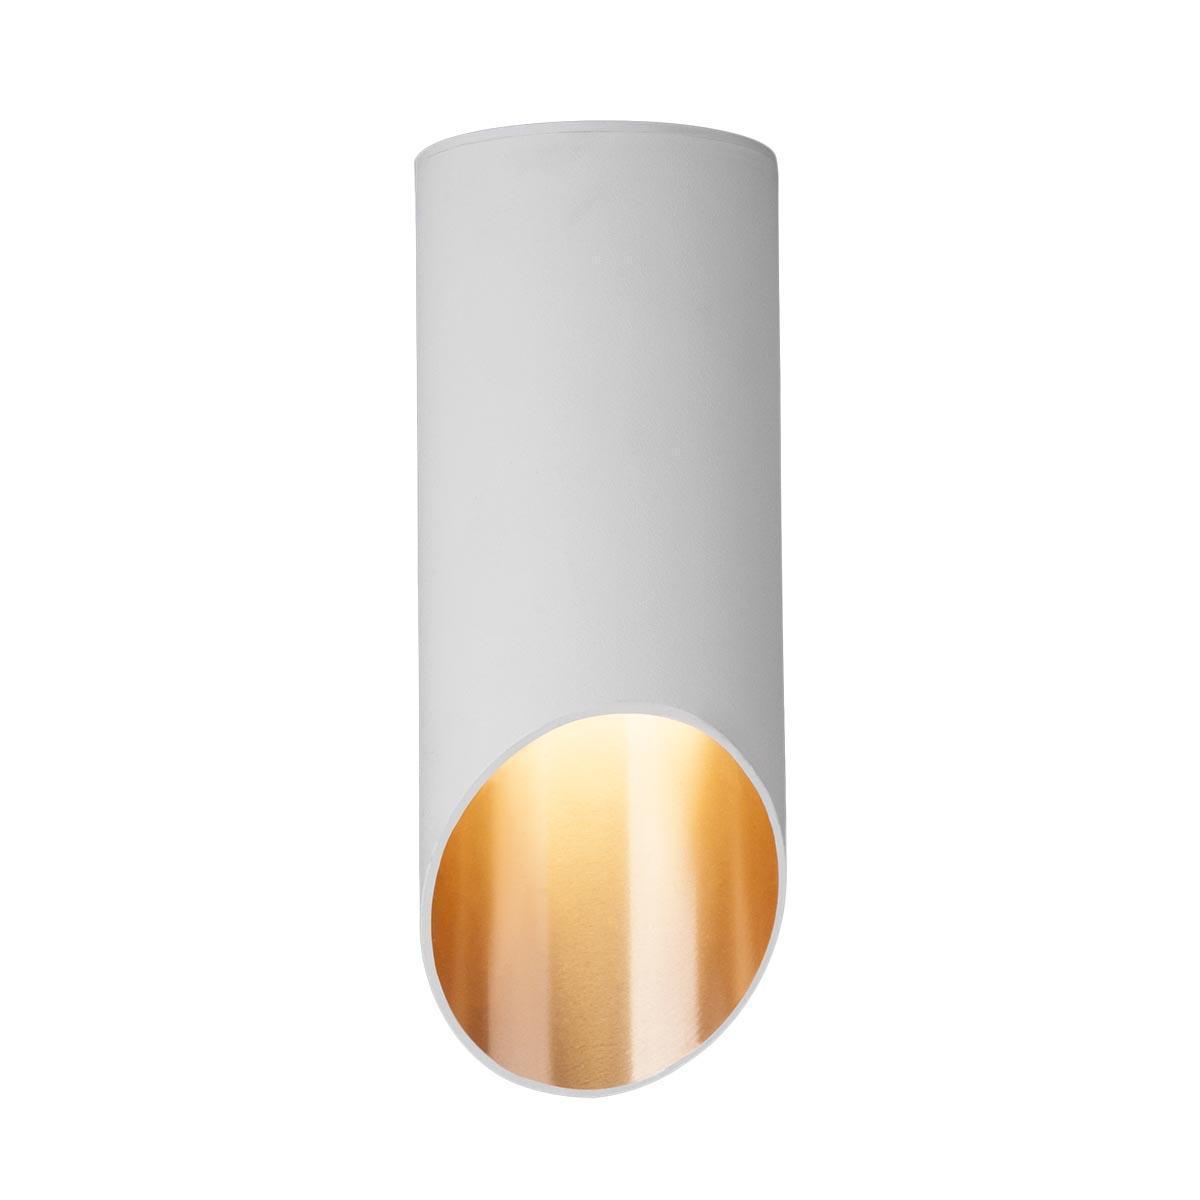 Потолочный светильник Elektrostandard DLN114 GU10 белый/золото 4690389151163